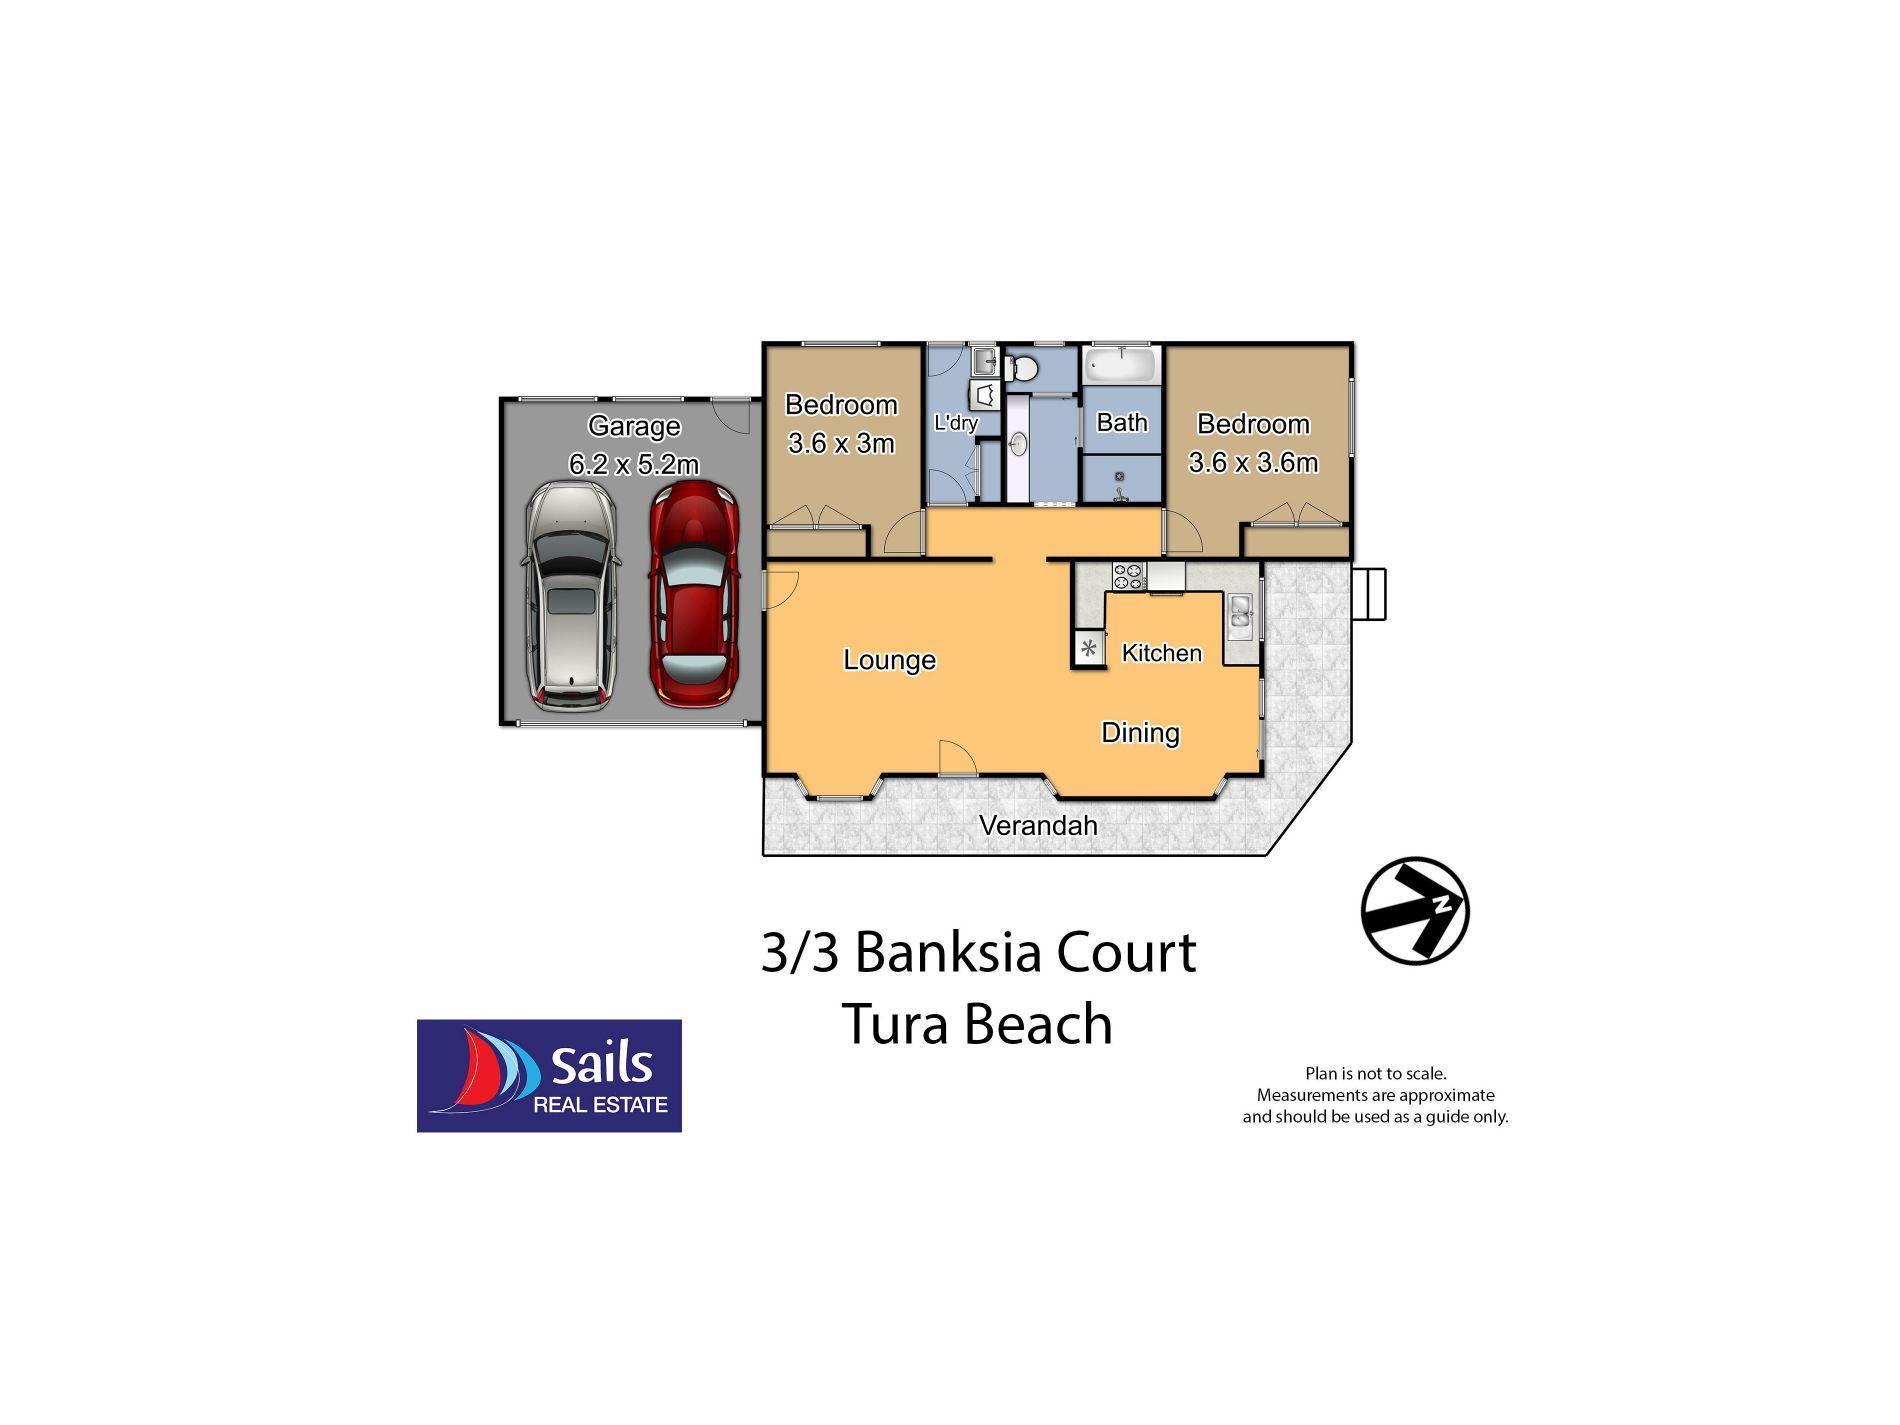 3 / 3 Banksia Court, Tura Beach